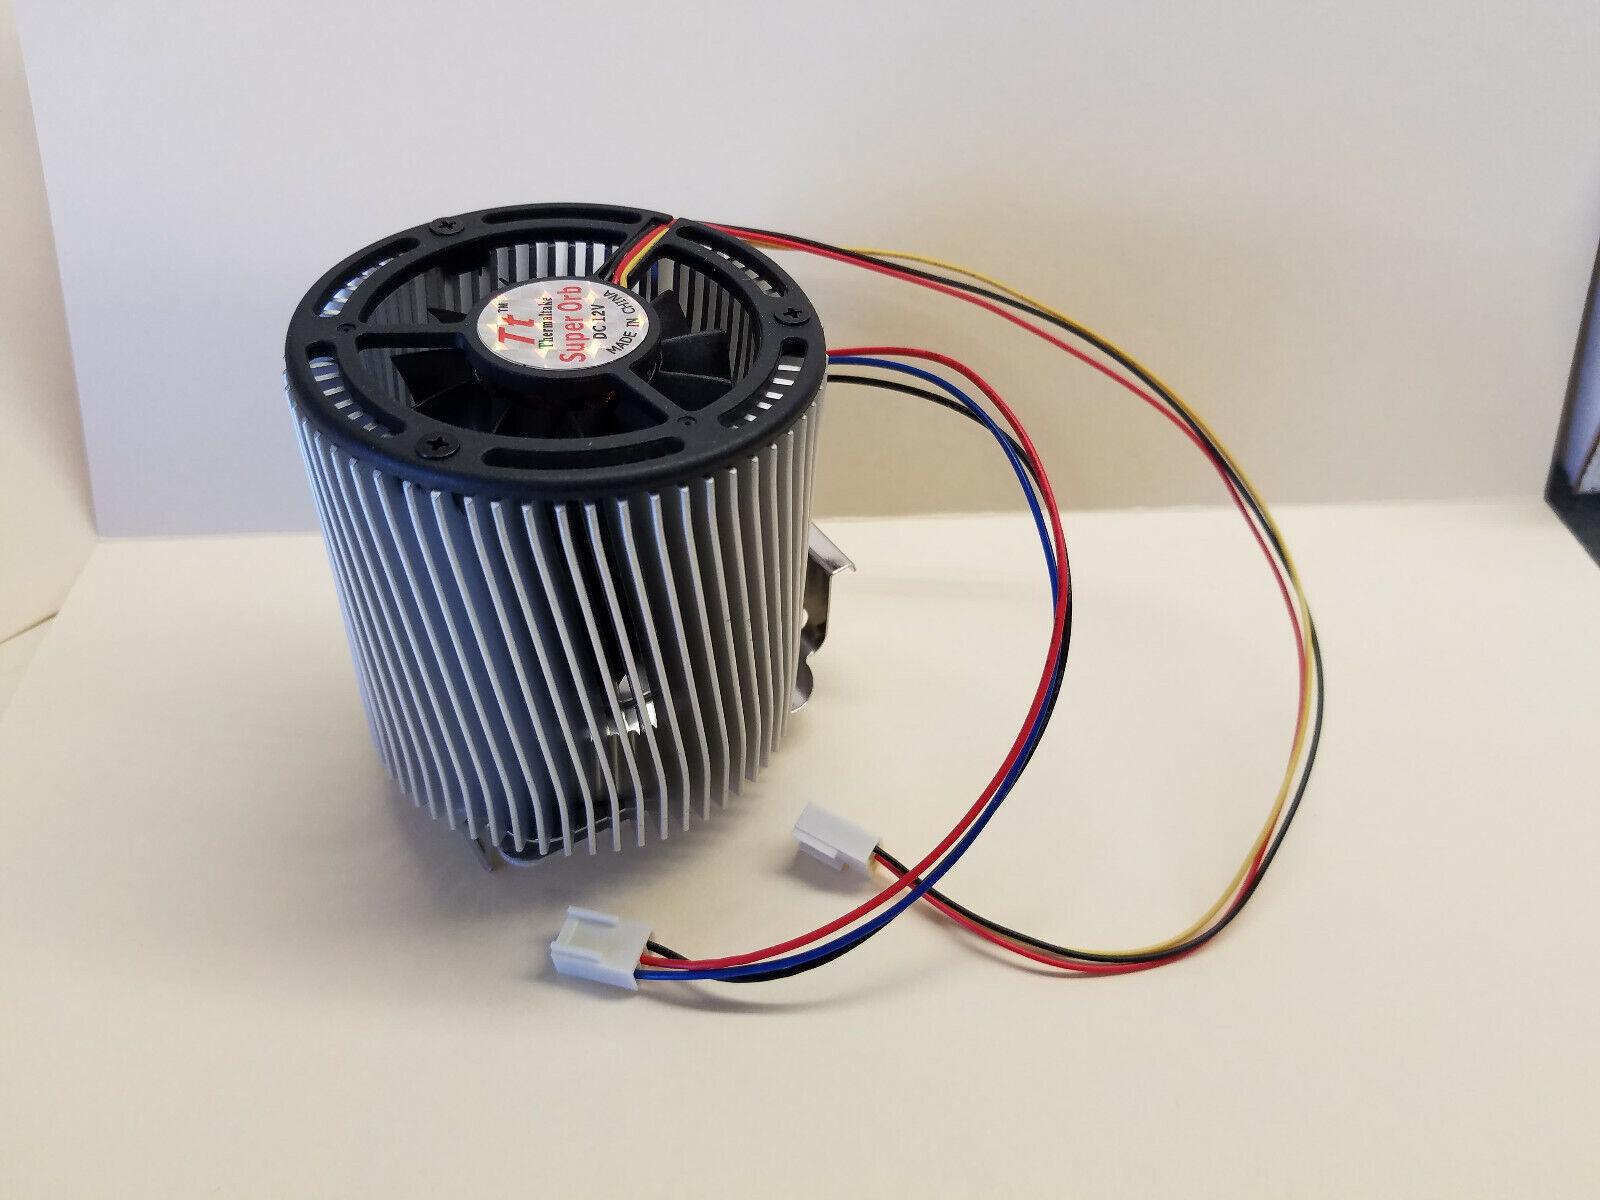 Thermaltake Super OrbSocket 370 462 CPU Heatsink with dual